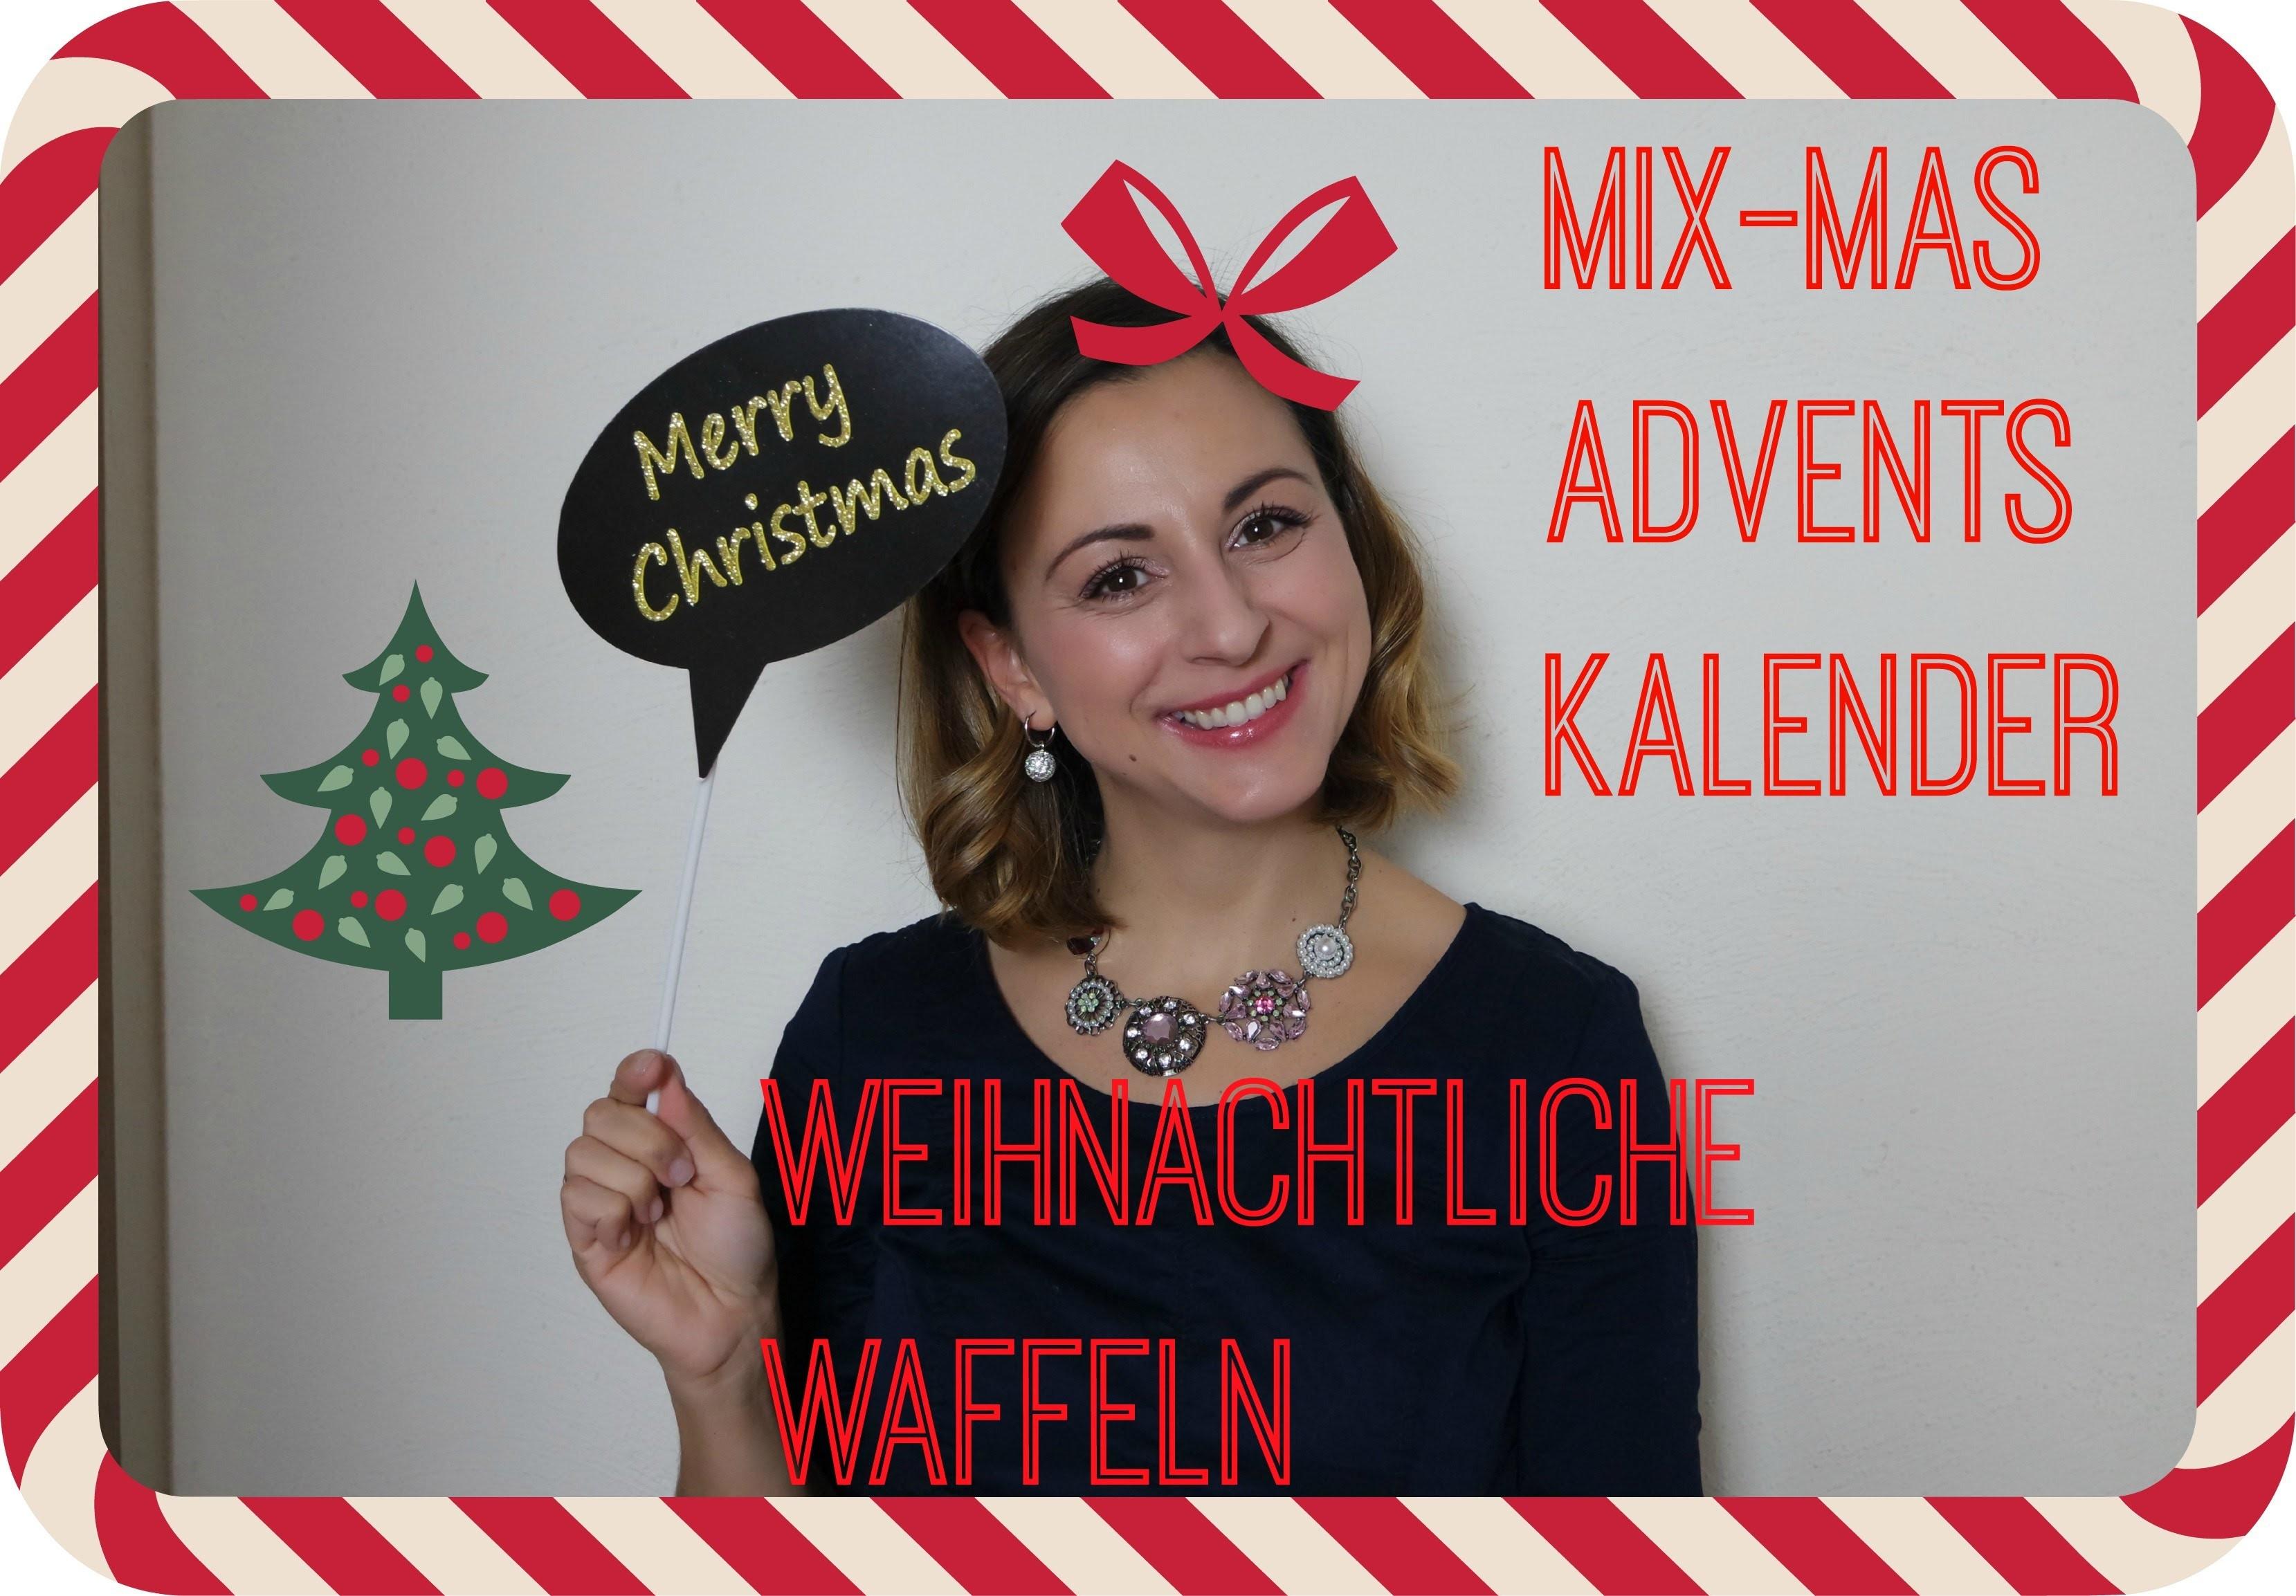 DIY Weihnachtliche Waffeln mit Zimt I Mix-Mas Adventskalender #7